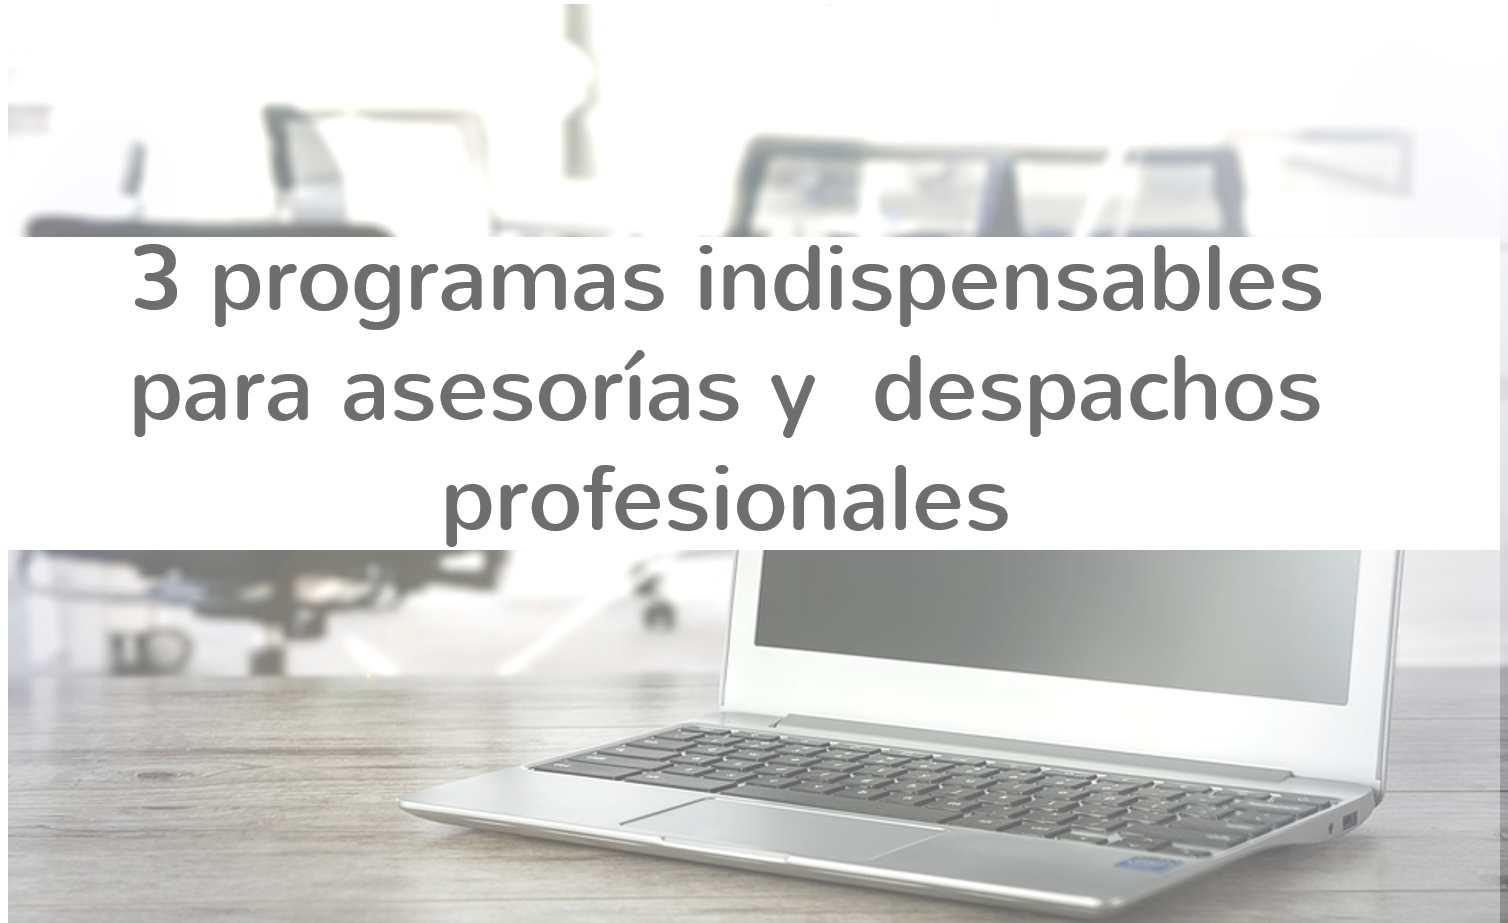 programas indispensables para asesorías y despachos profesionales